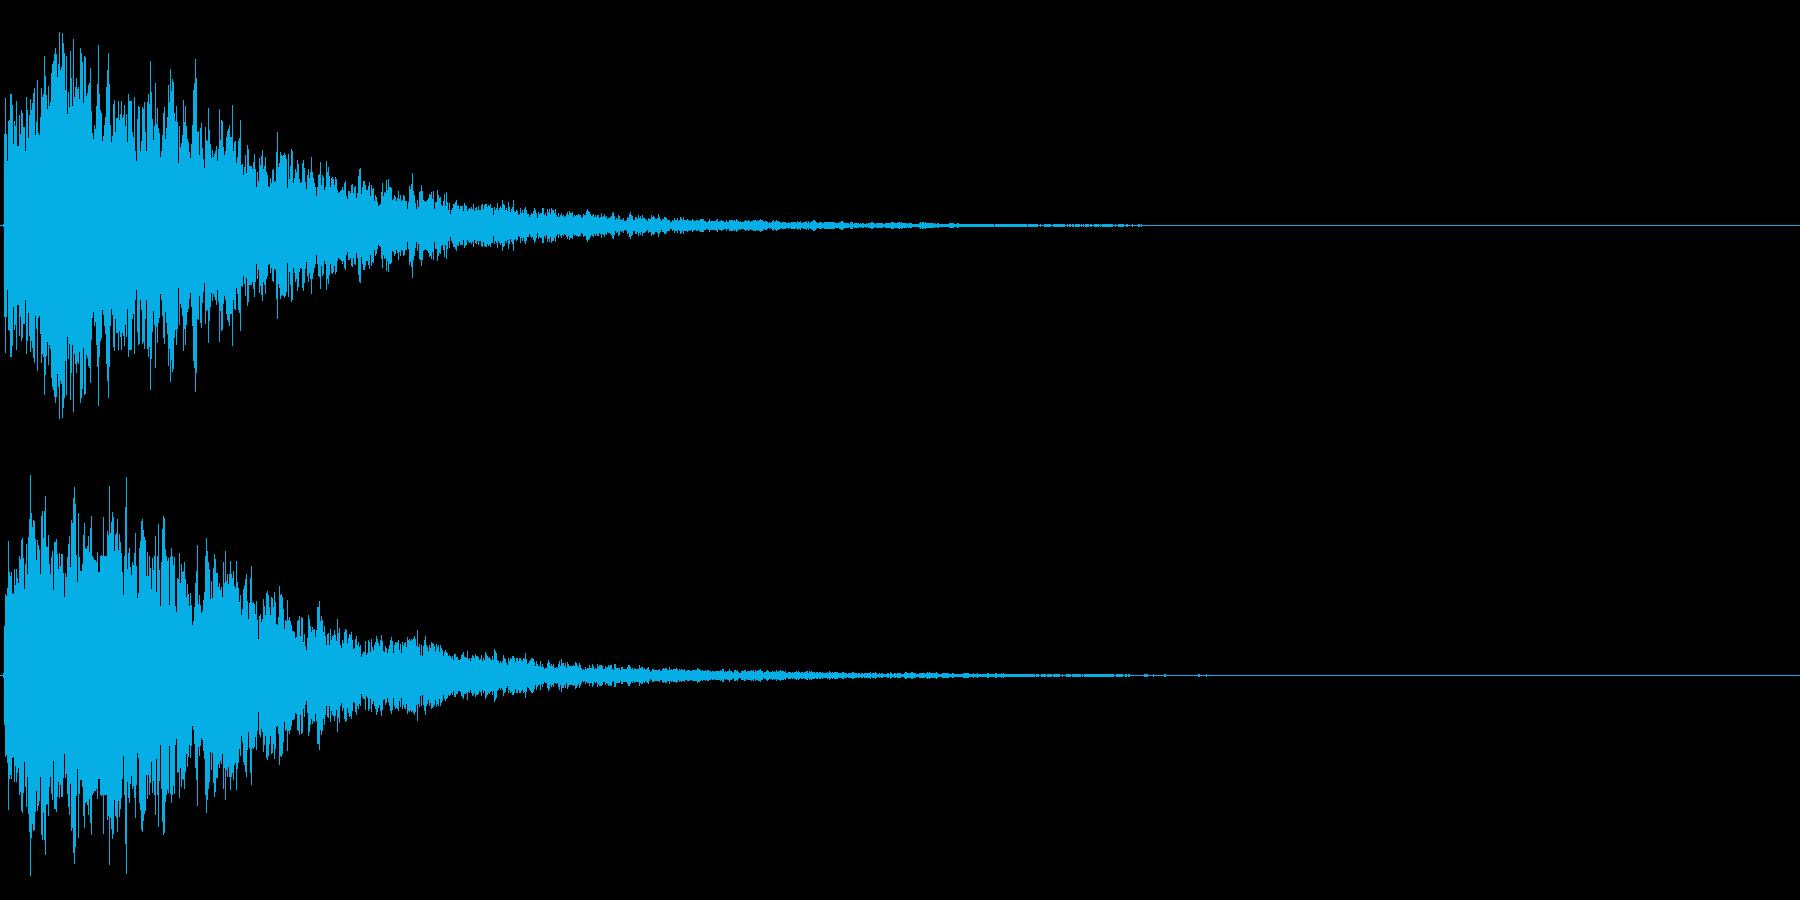 ゲームスタート、決定、ボタン音-134の再生済みの波形